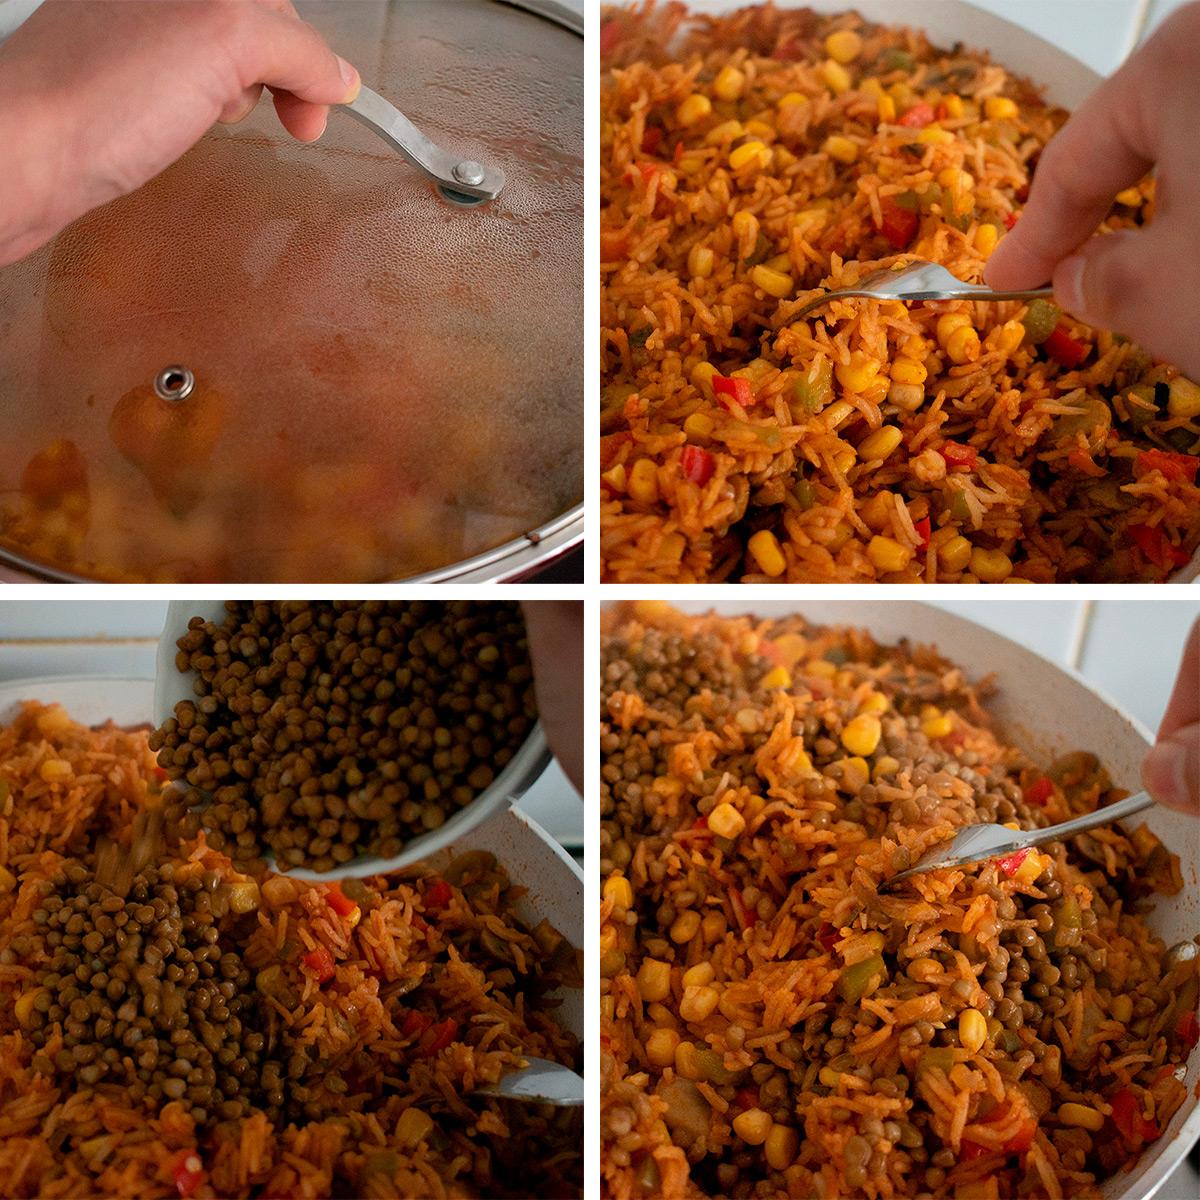 preparación de arroz con maíz y lentejas paso a paso